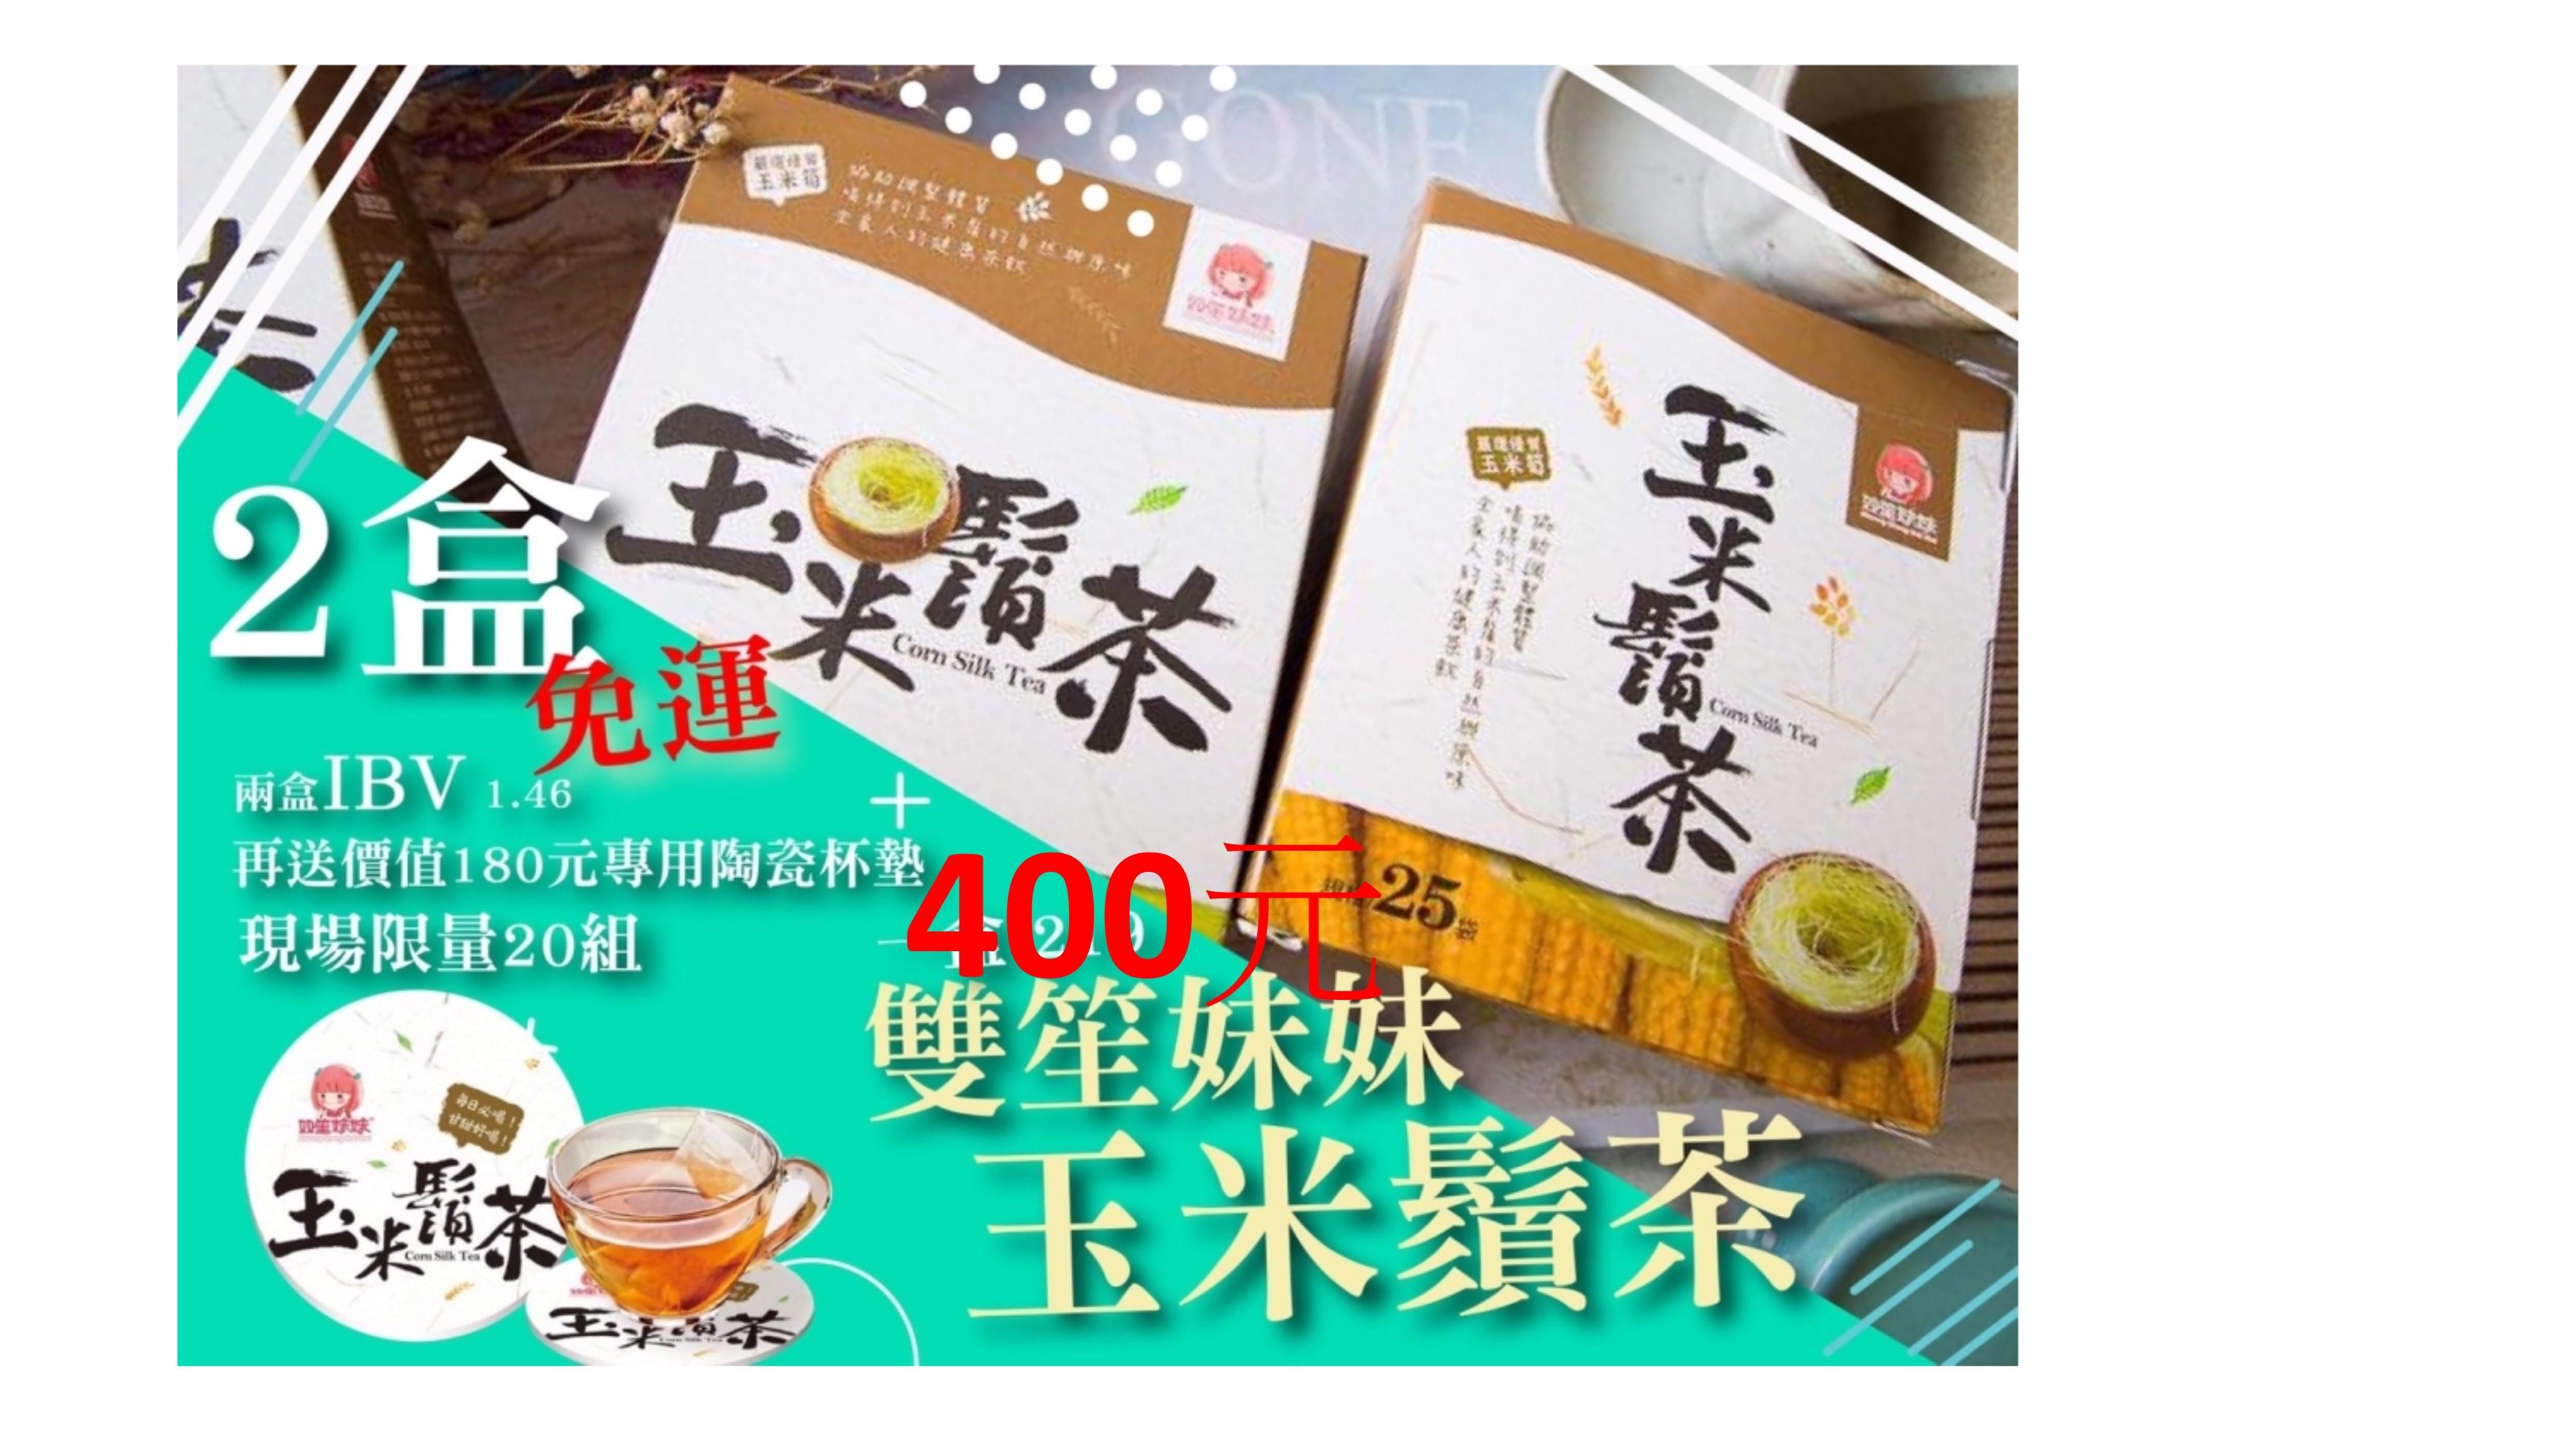 **新包裝上市**雙笙妹妹 玉米鬚茶 - 產品預購區 (預計11月中旬出貨)